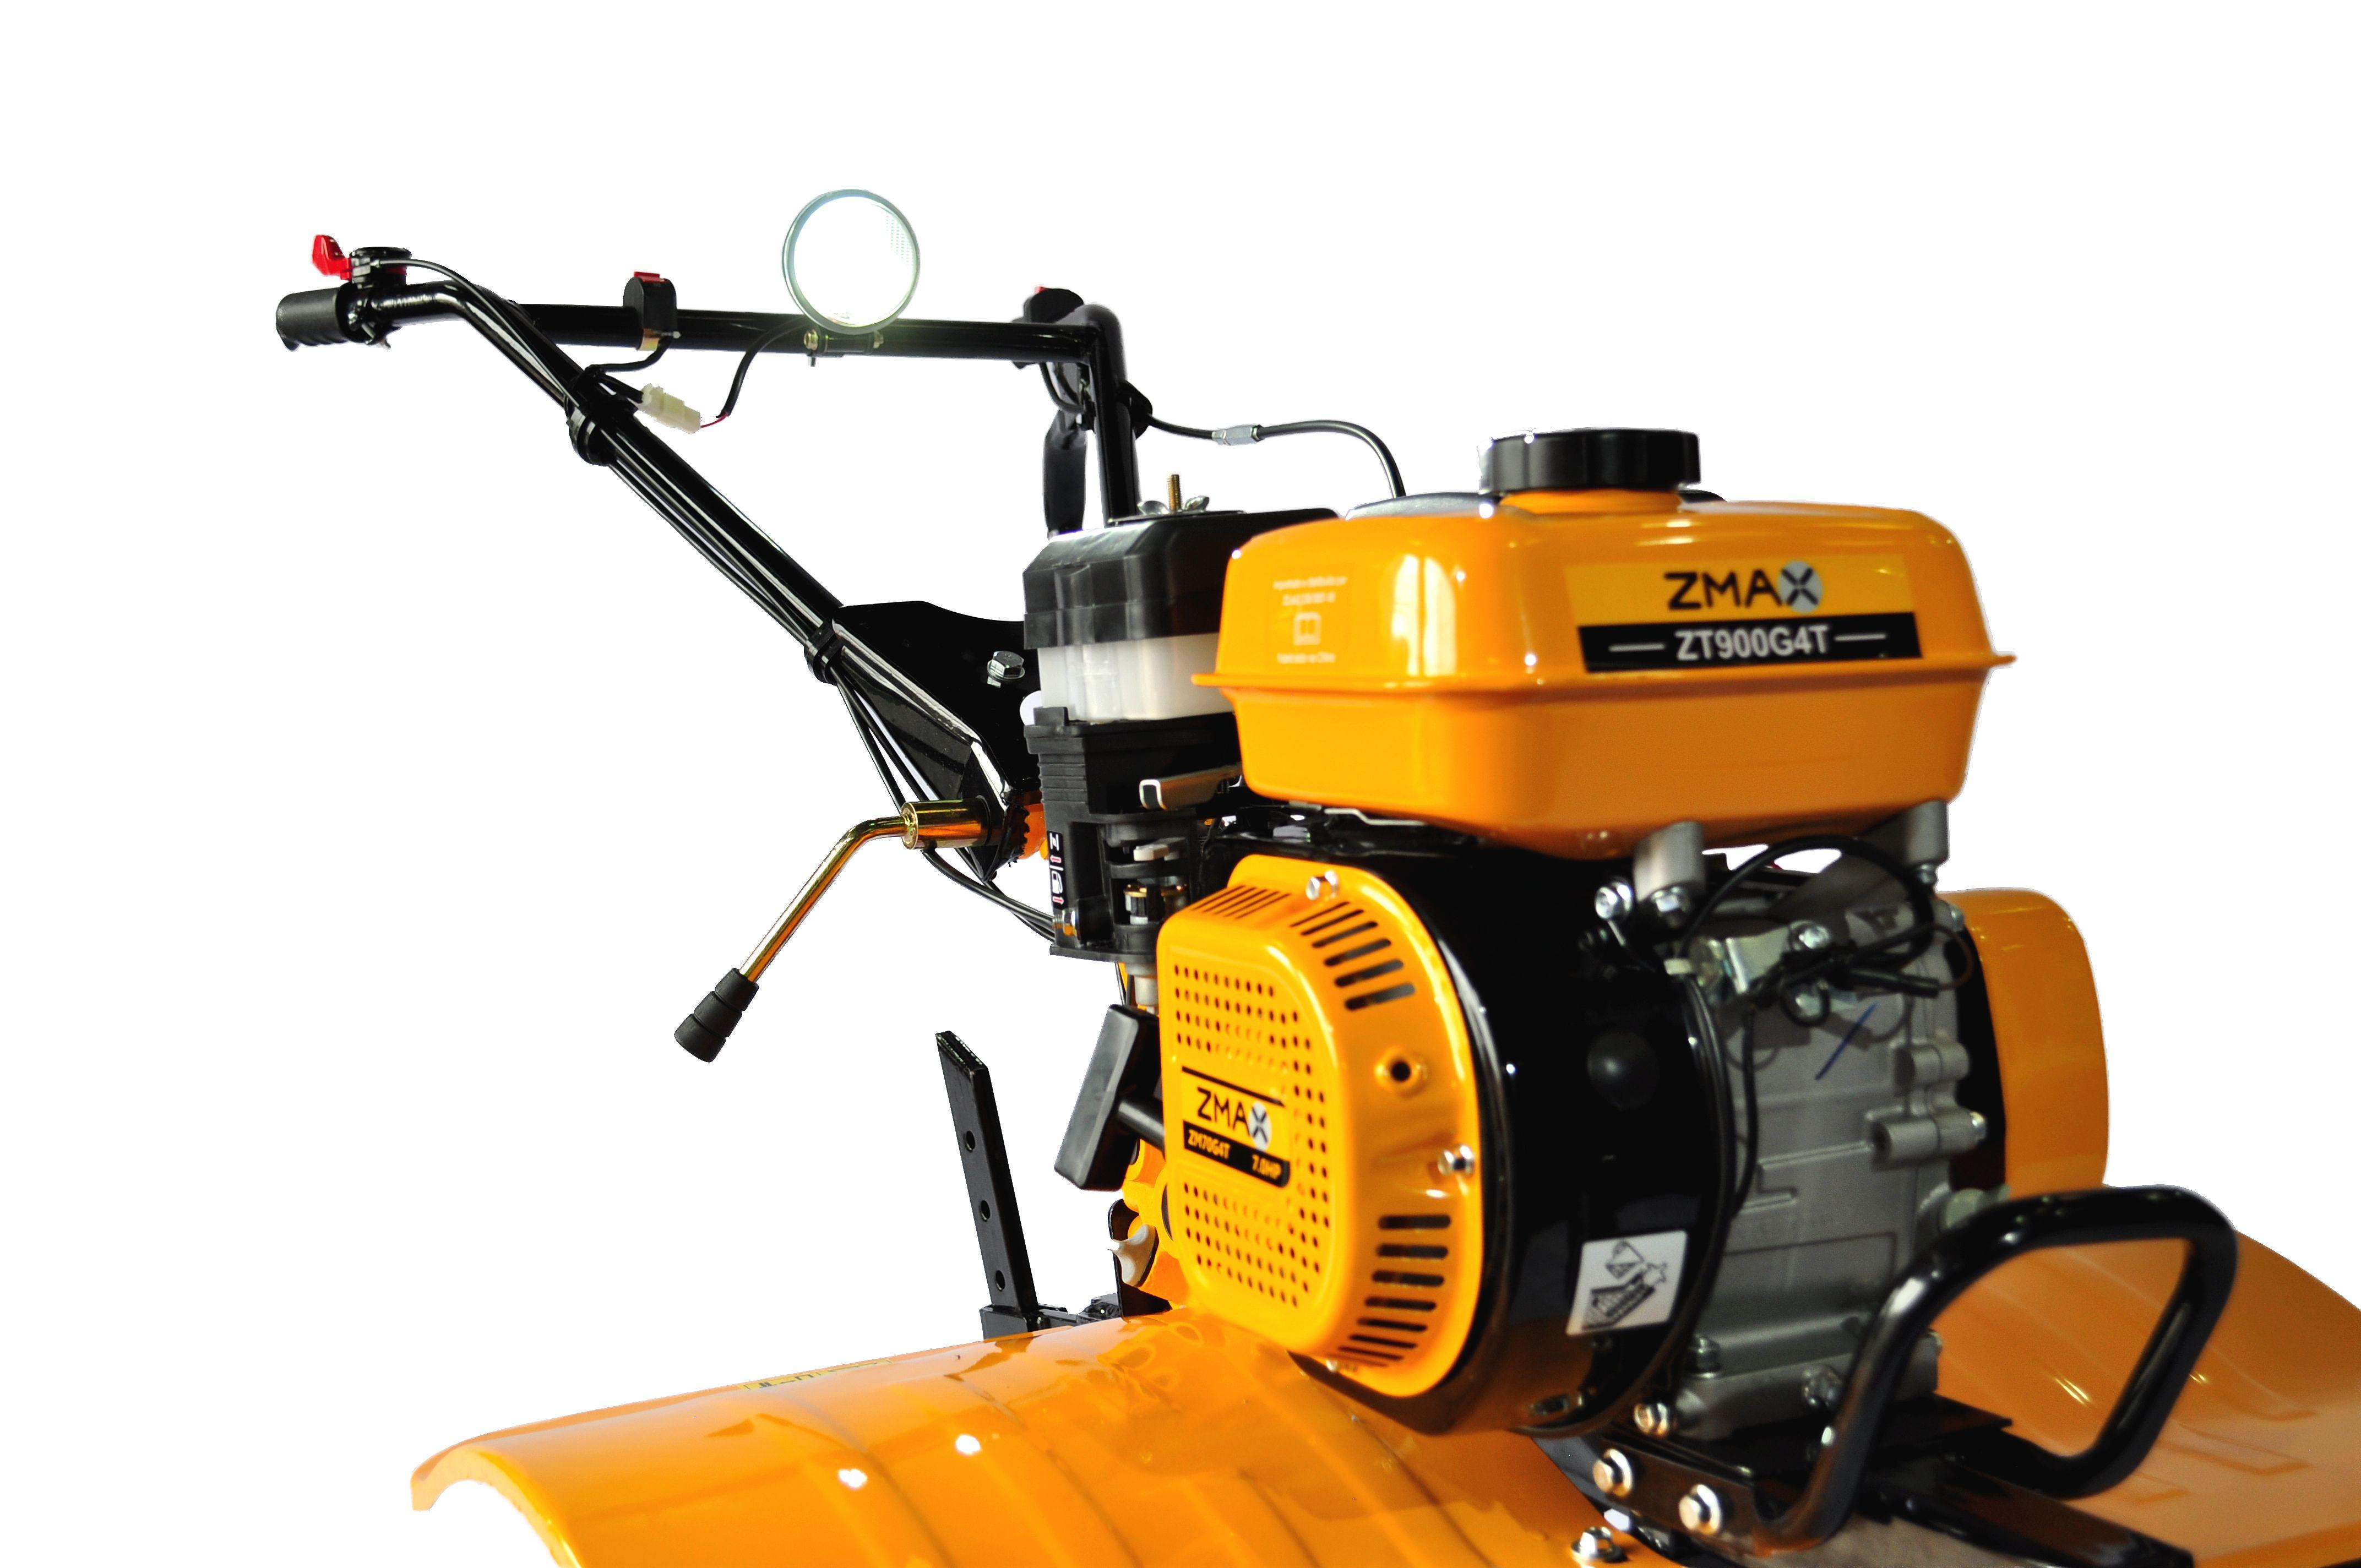 Motocultivador a Gasolina ZT900G4T